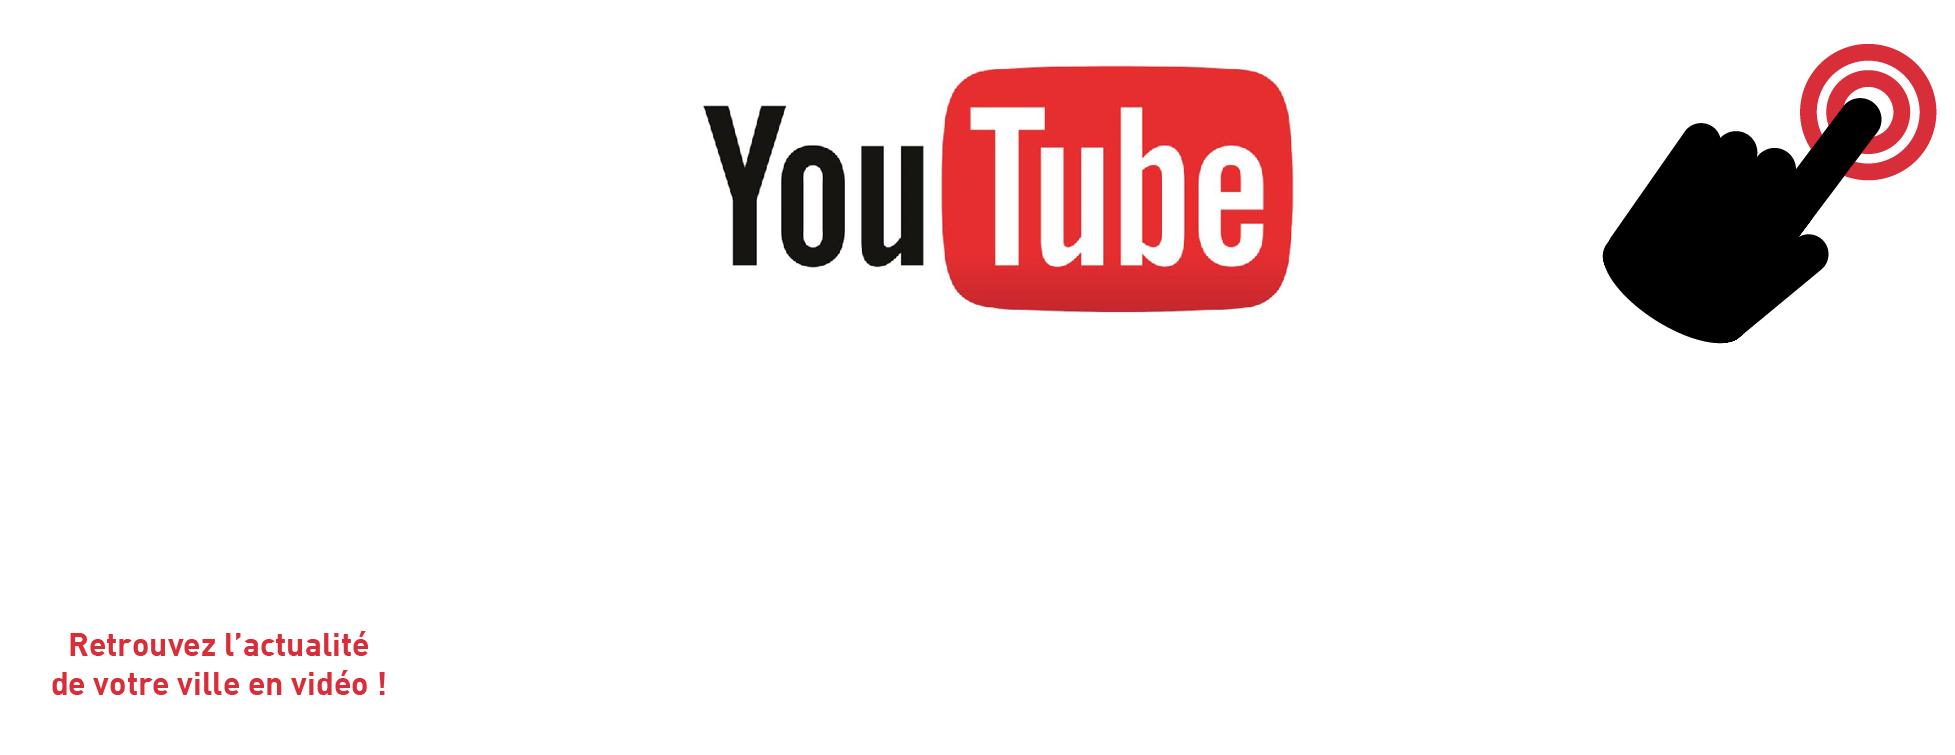 La ville lance sa chaîne Youtube